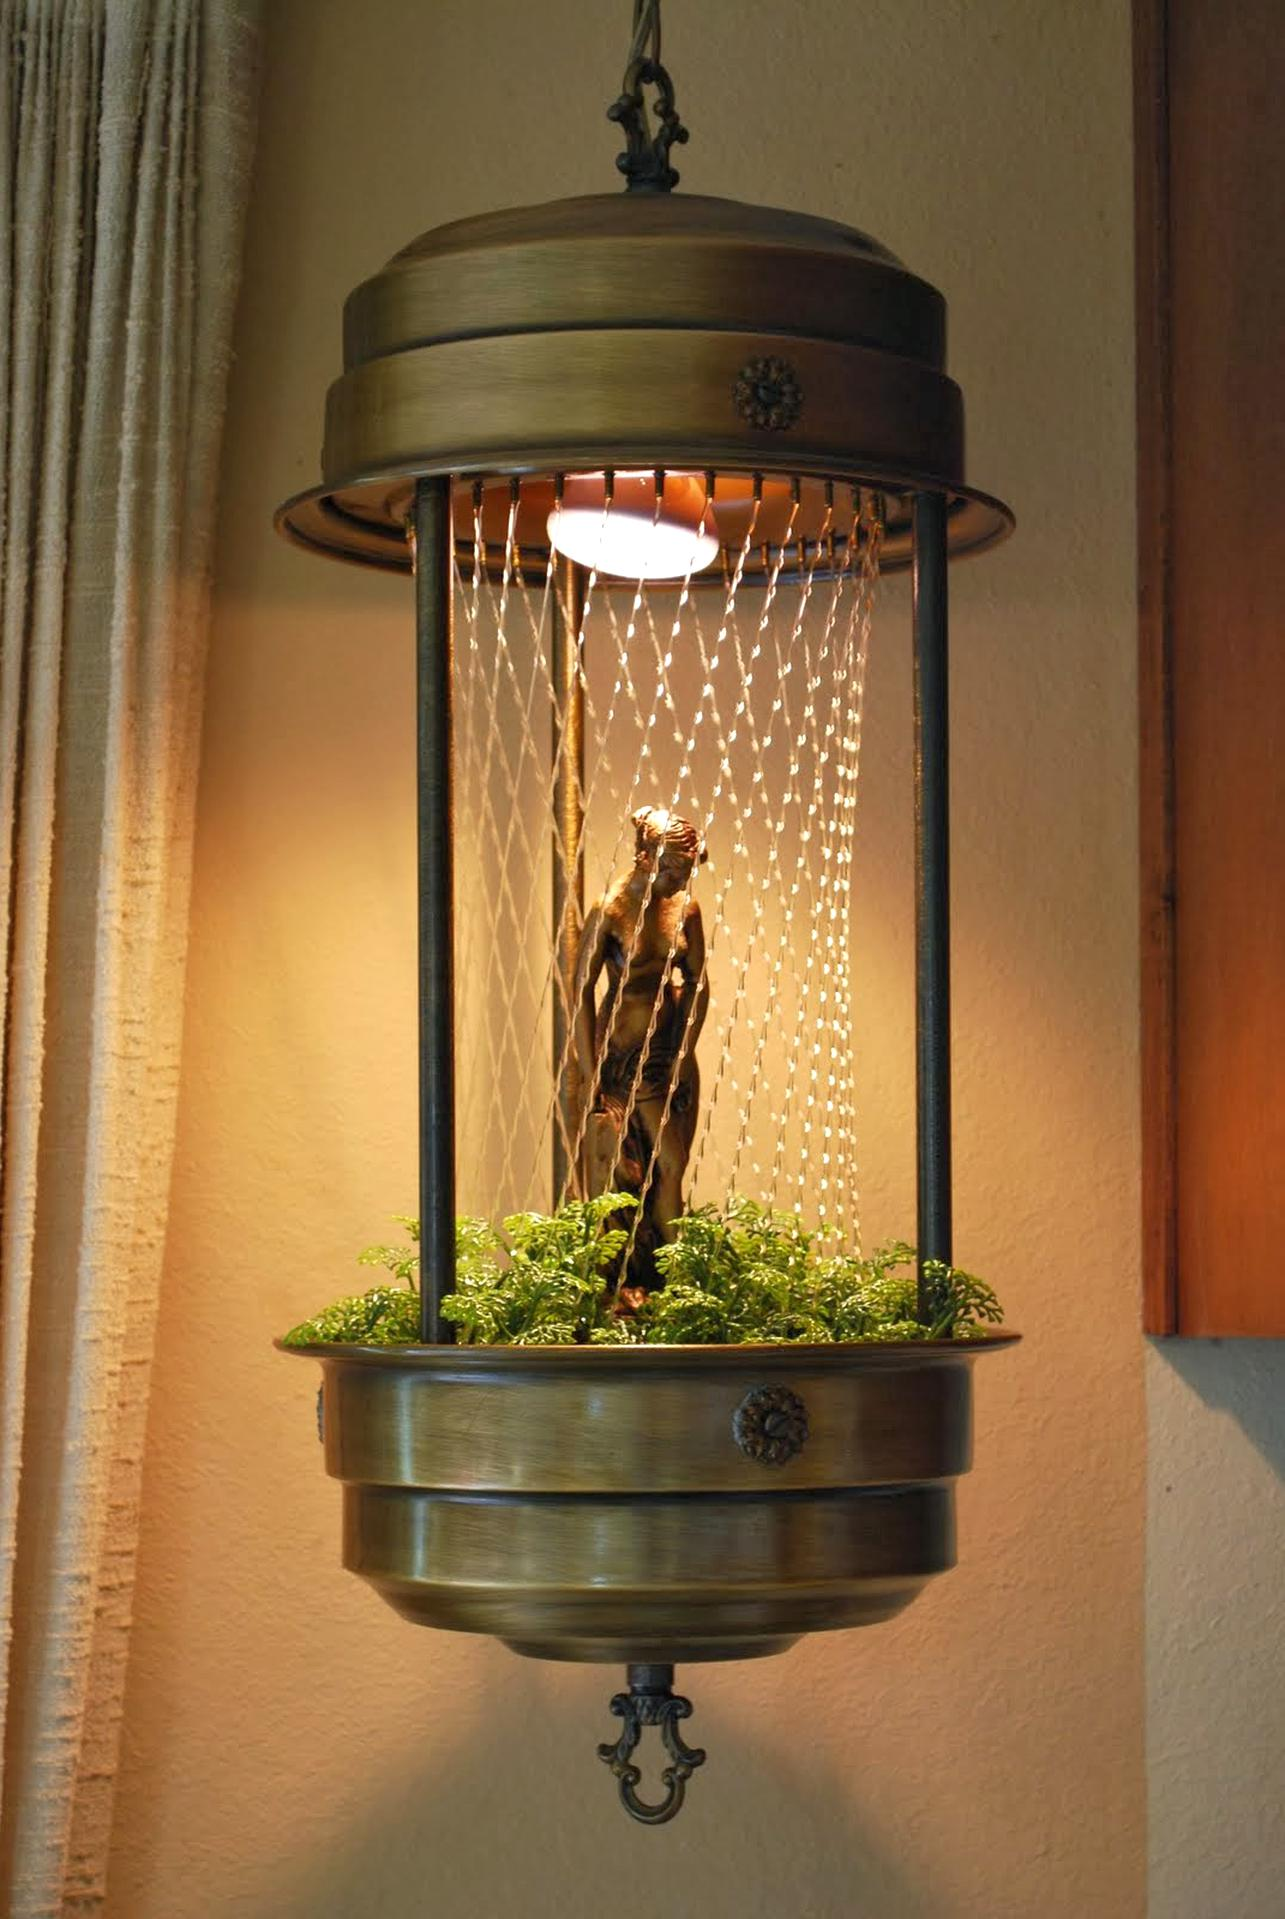 Rain Lamp Oil Rain Lamp For Sale Only 4 Left At 75